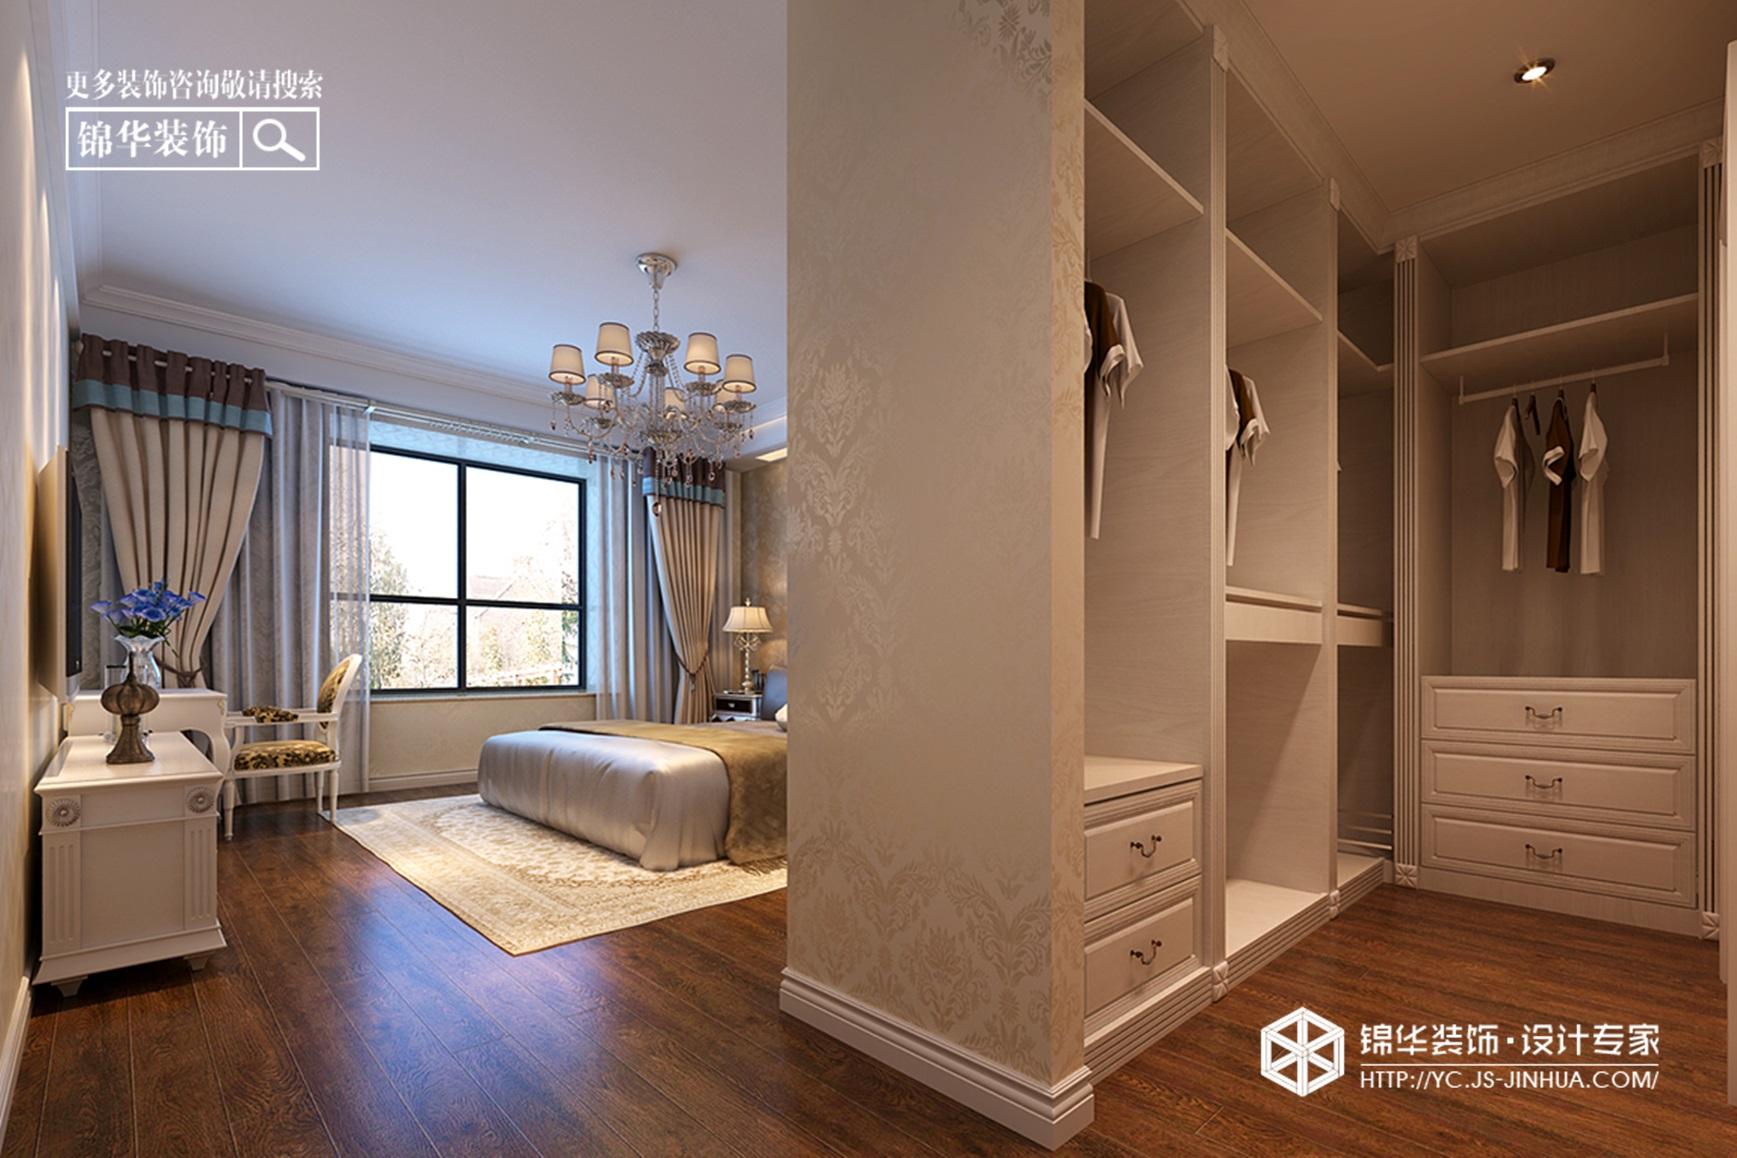 金鹰天地--火树银花装修-三室两厅-简欧